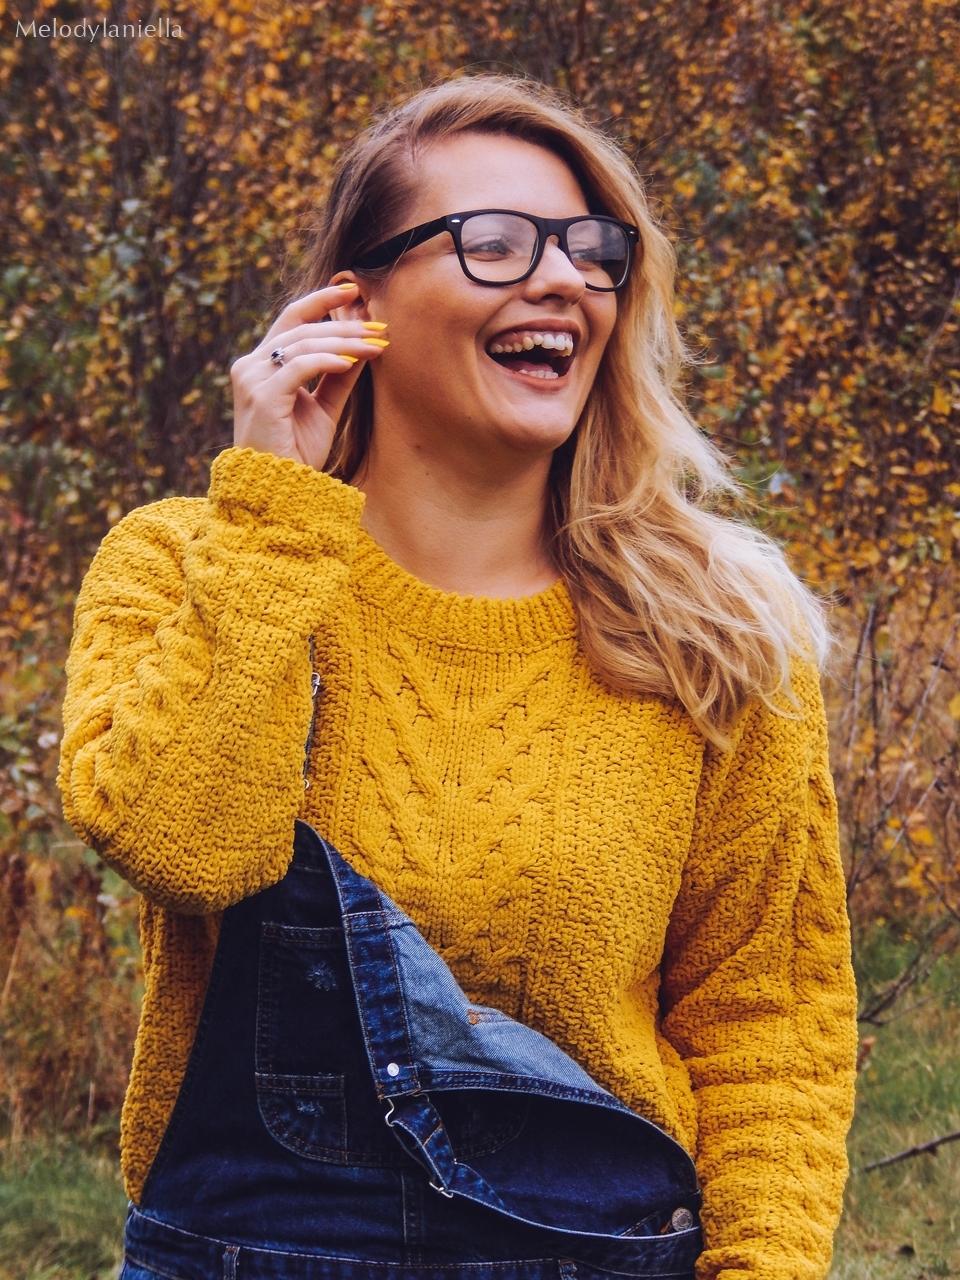 12 jeansowe długie ogrodniczki z czym nosić żółty sweter zakupy w primark ceny jakość daniel wellington opinie zegarki stylizacja minionek cosplay jeansowe buty łuków okulary zerówki blond fryzury